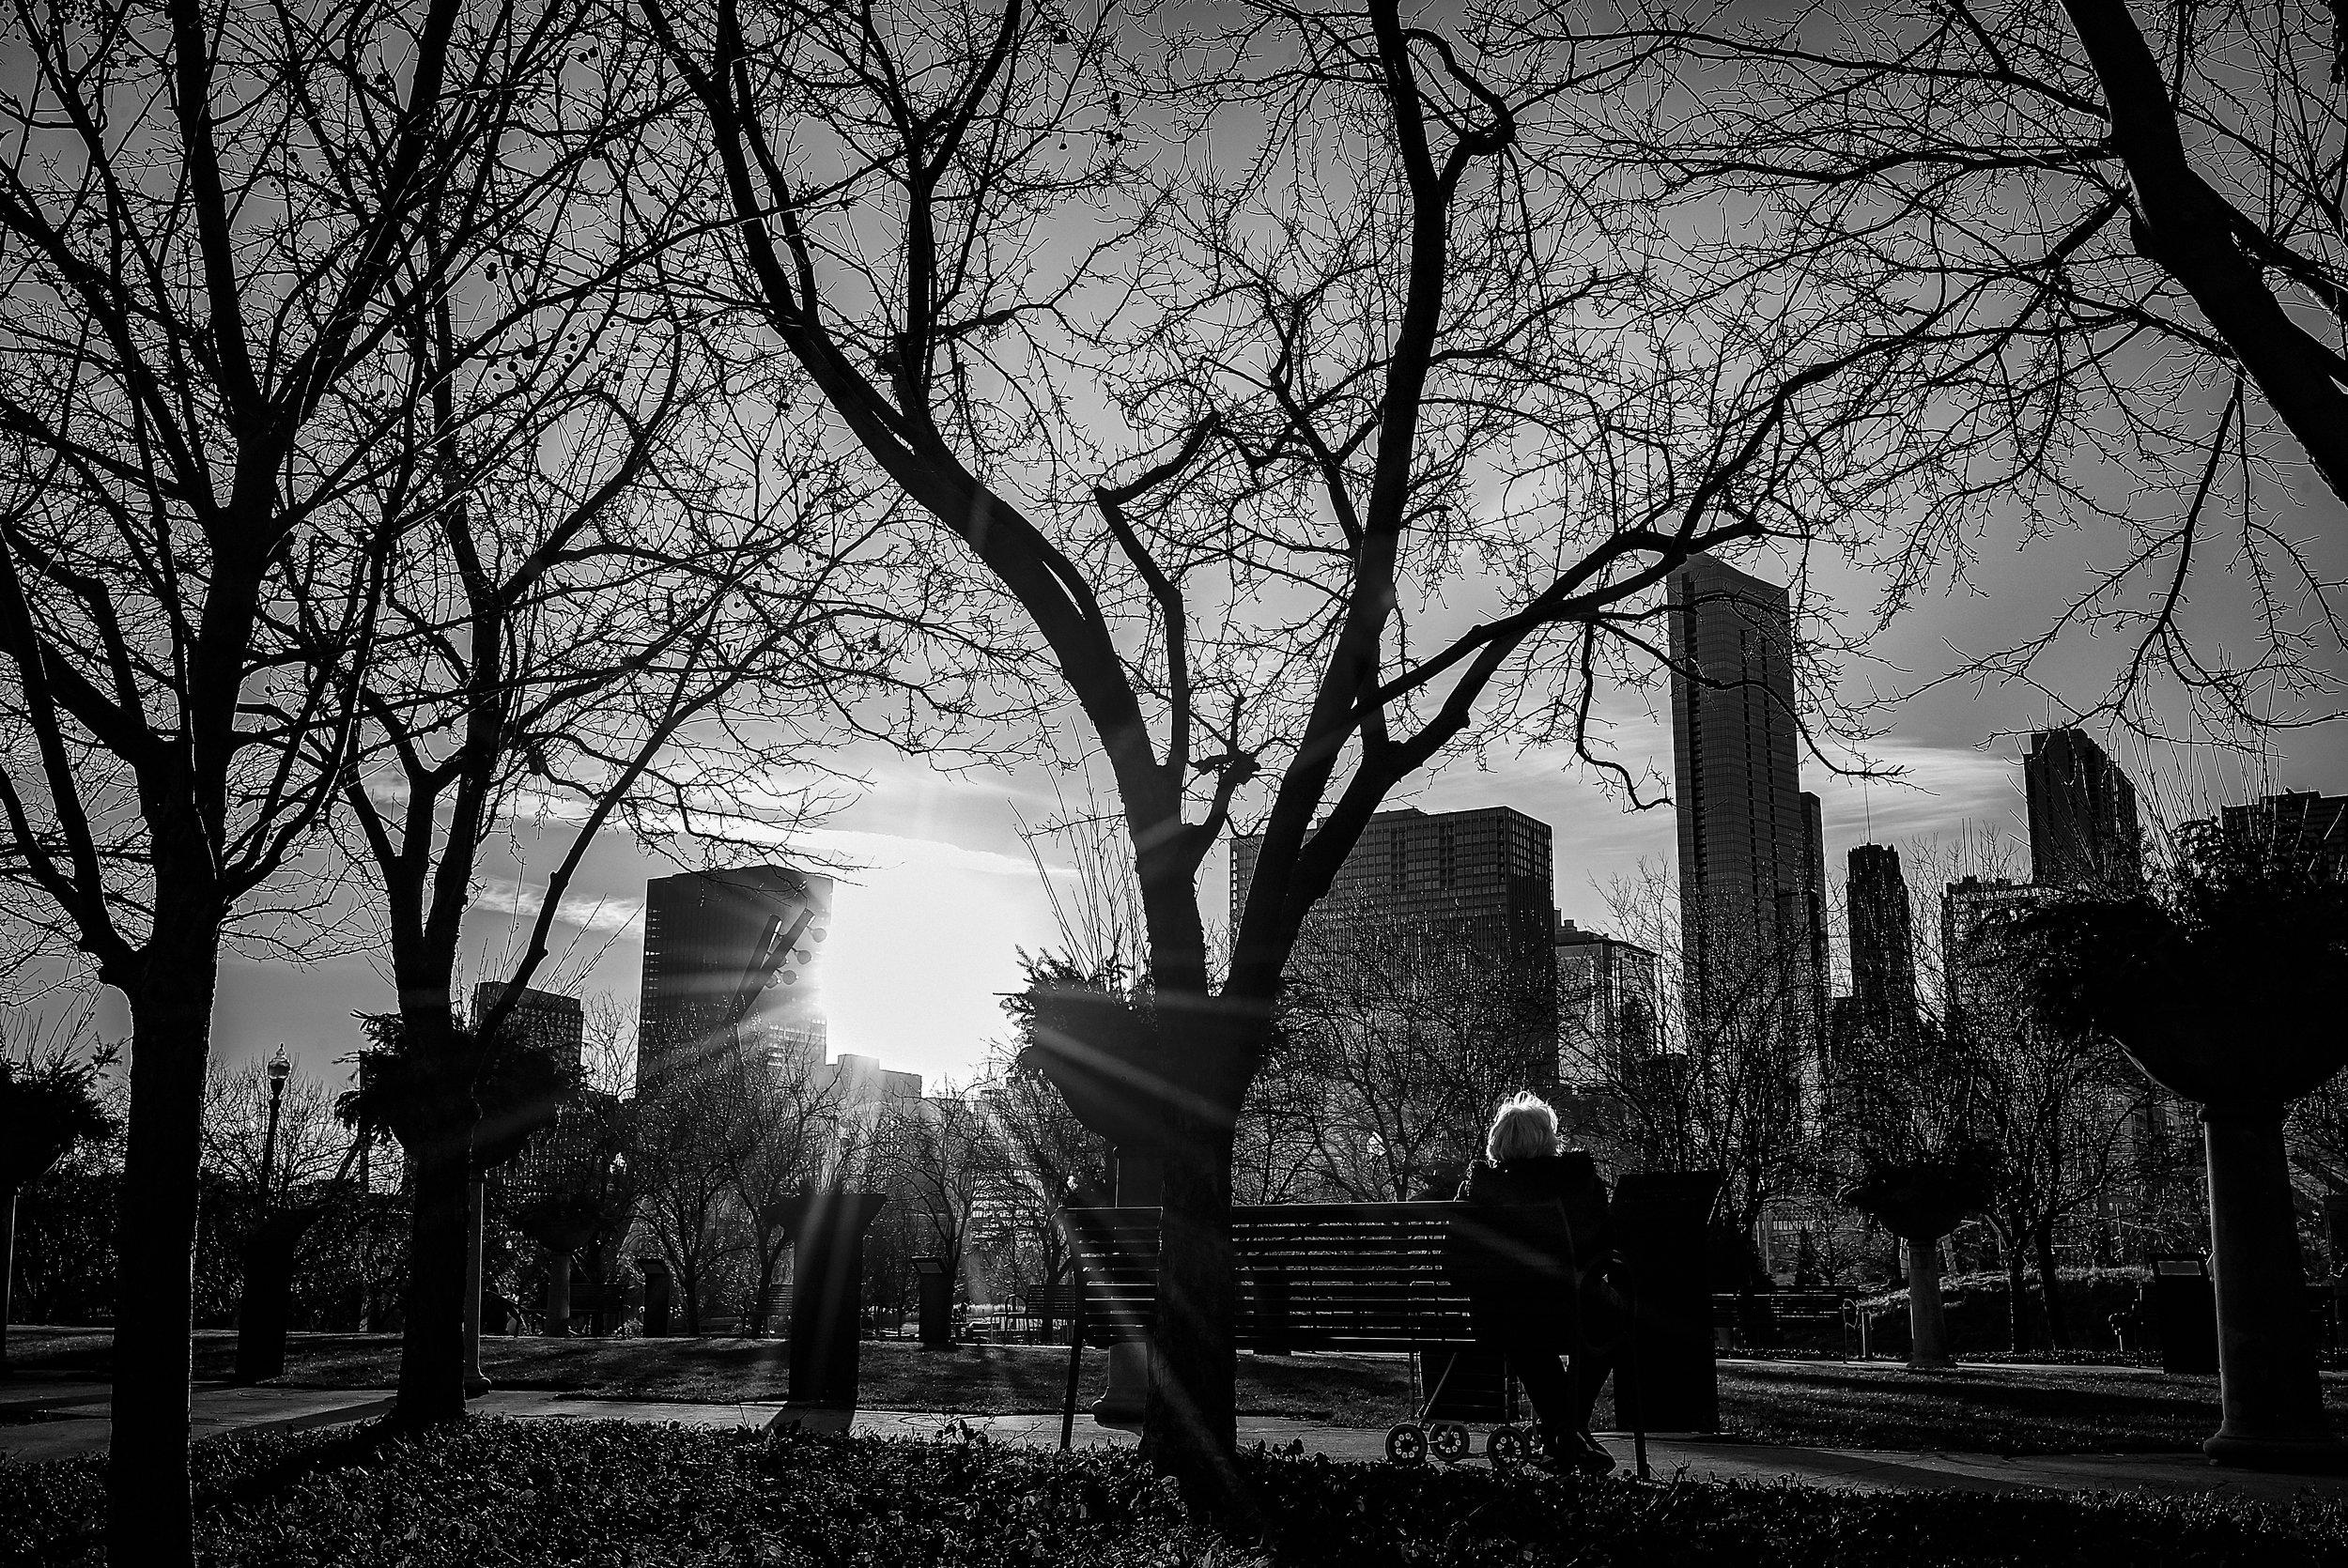 Millenium Park Chicago, IL